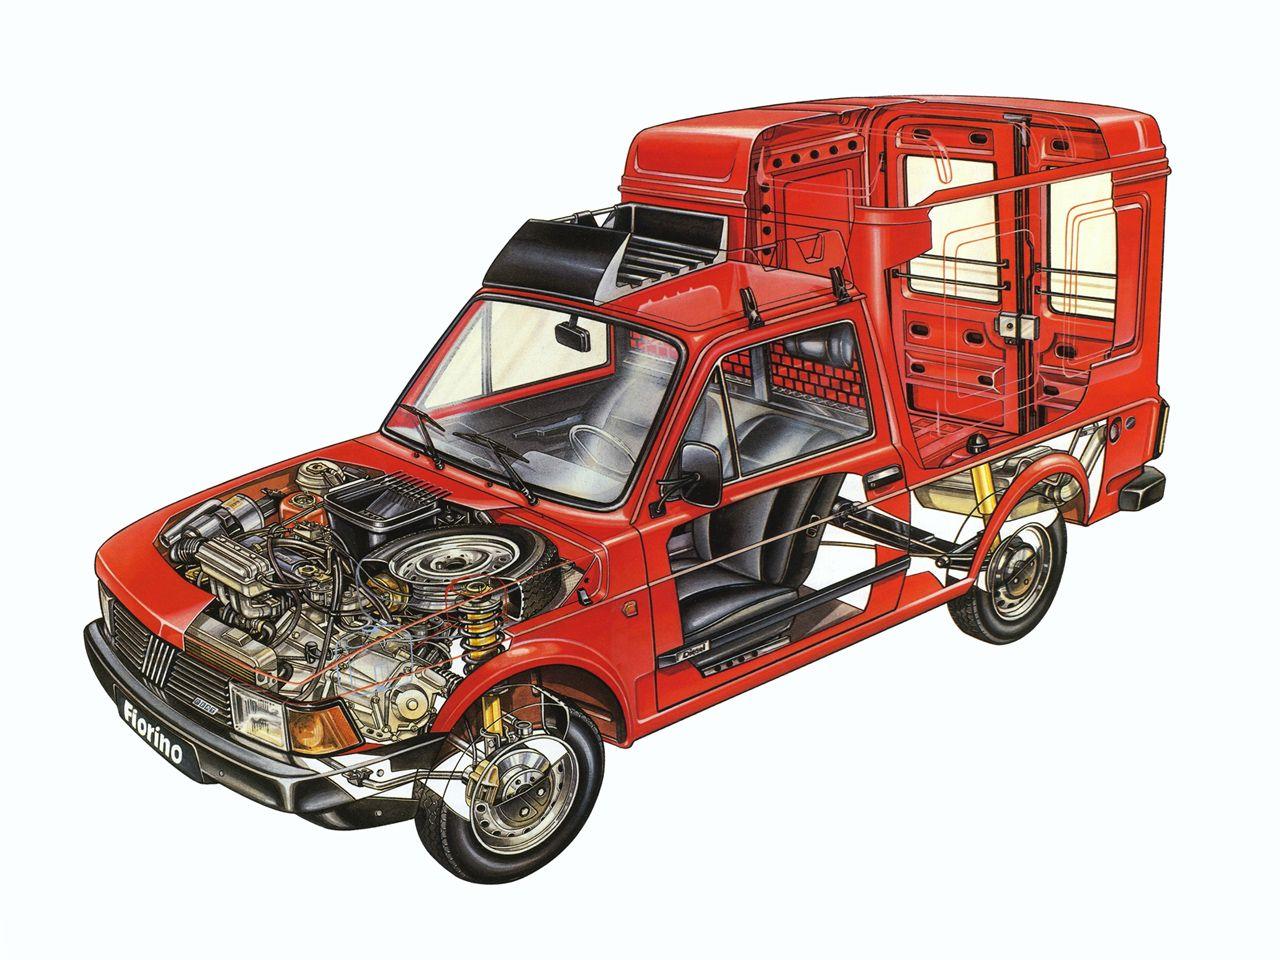 1983-1987 Fiat Fiorino - Illustration unattributed